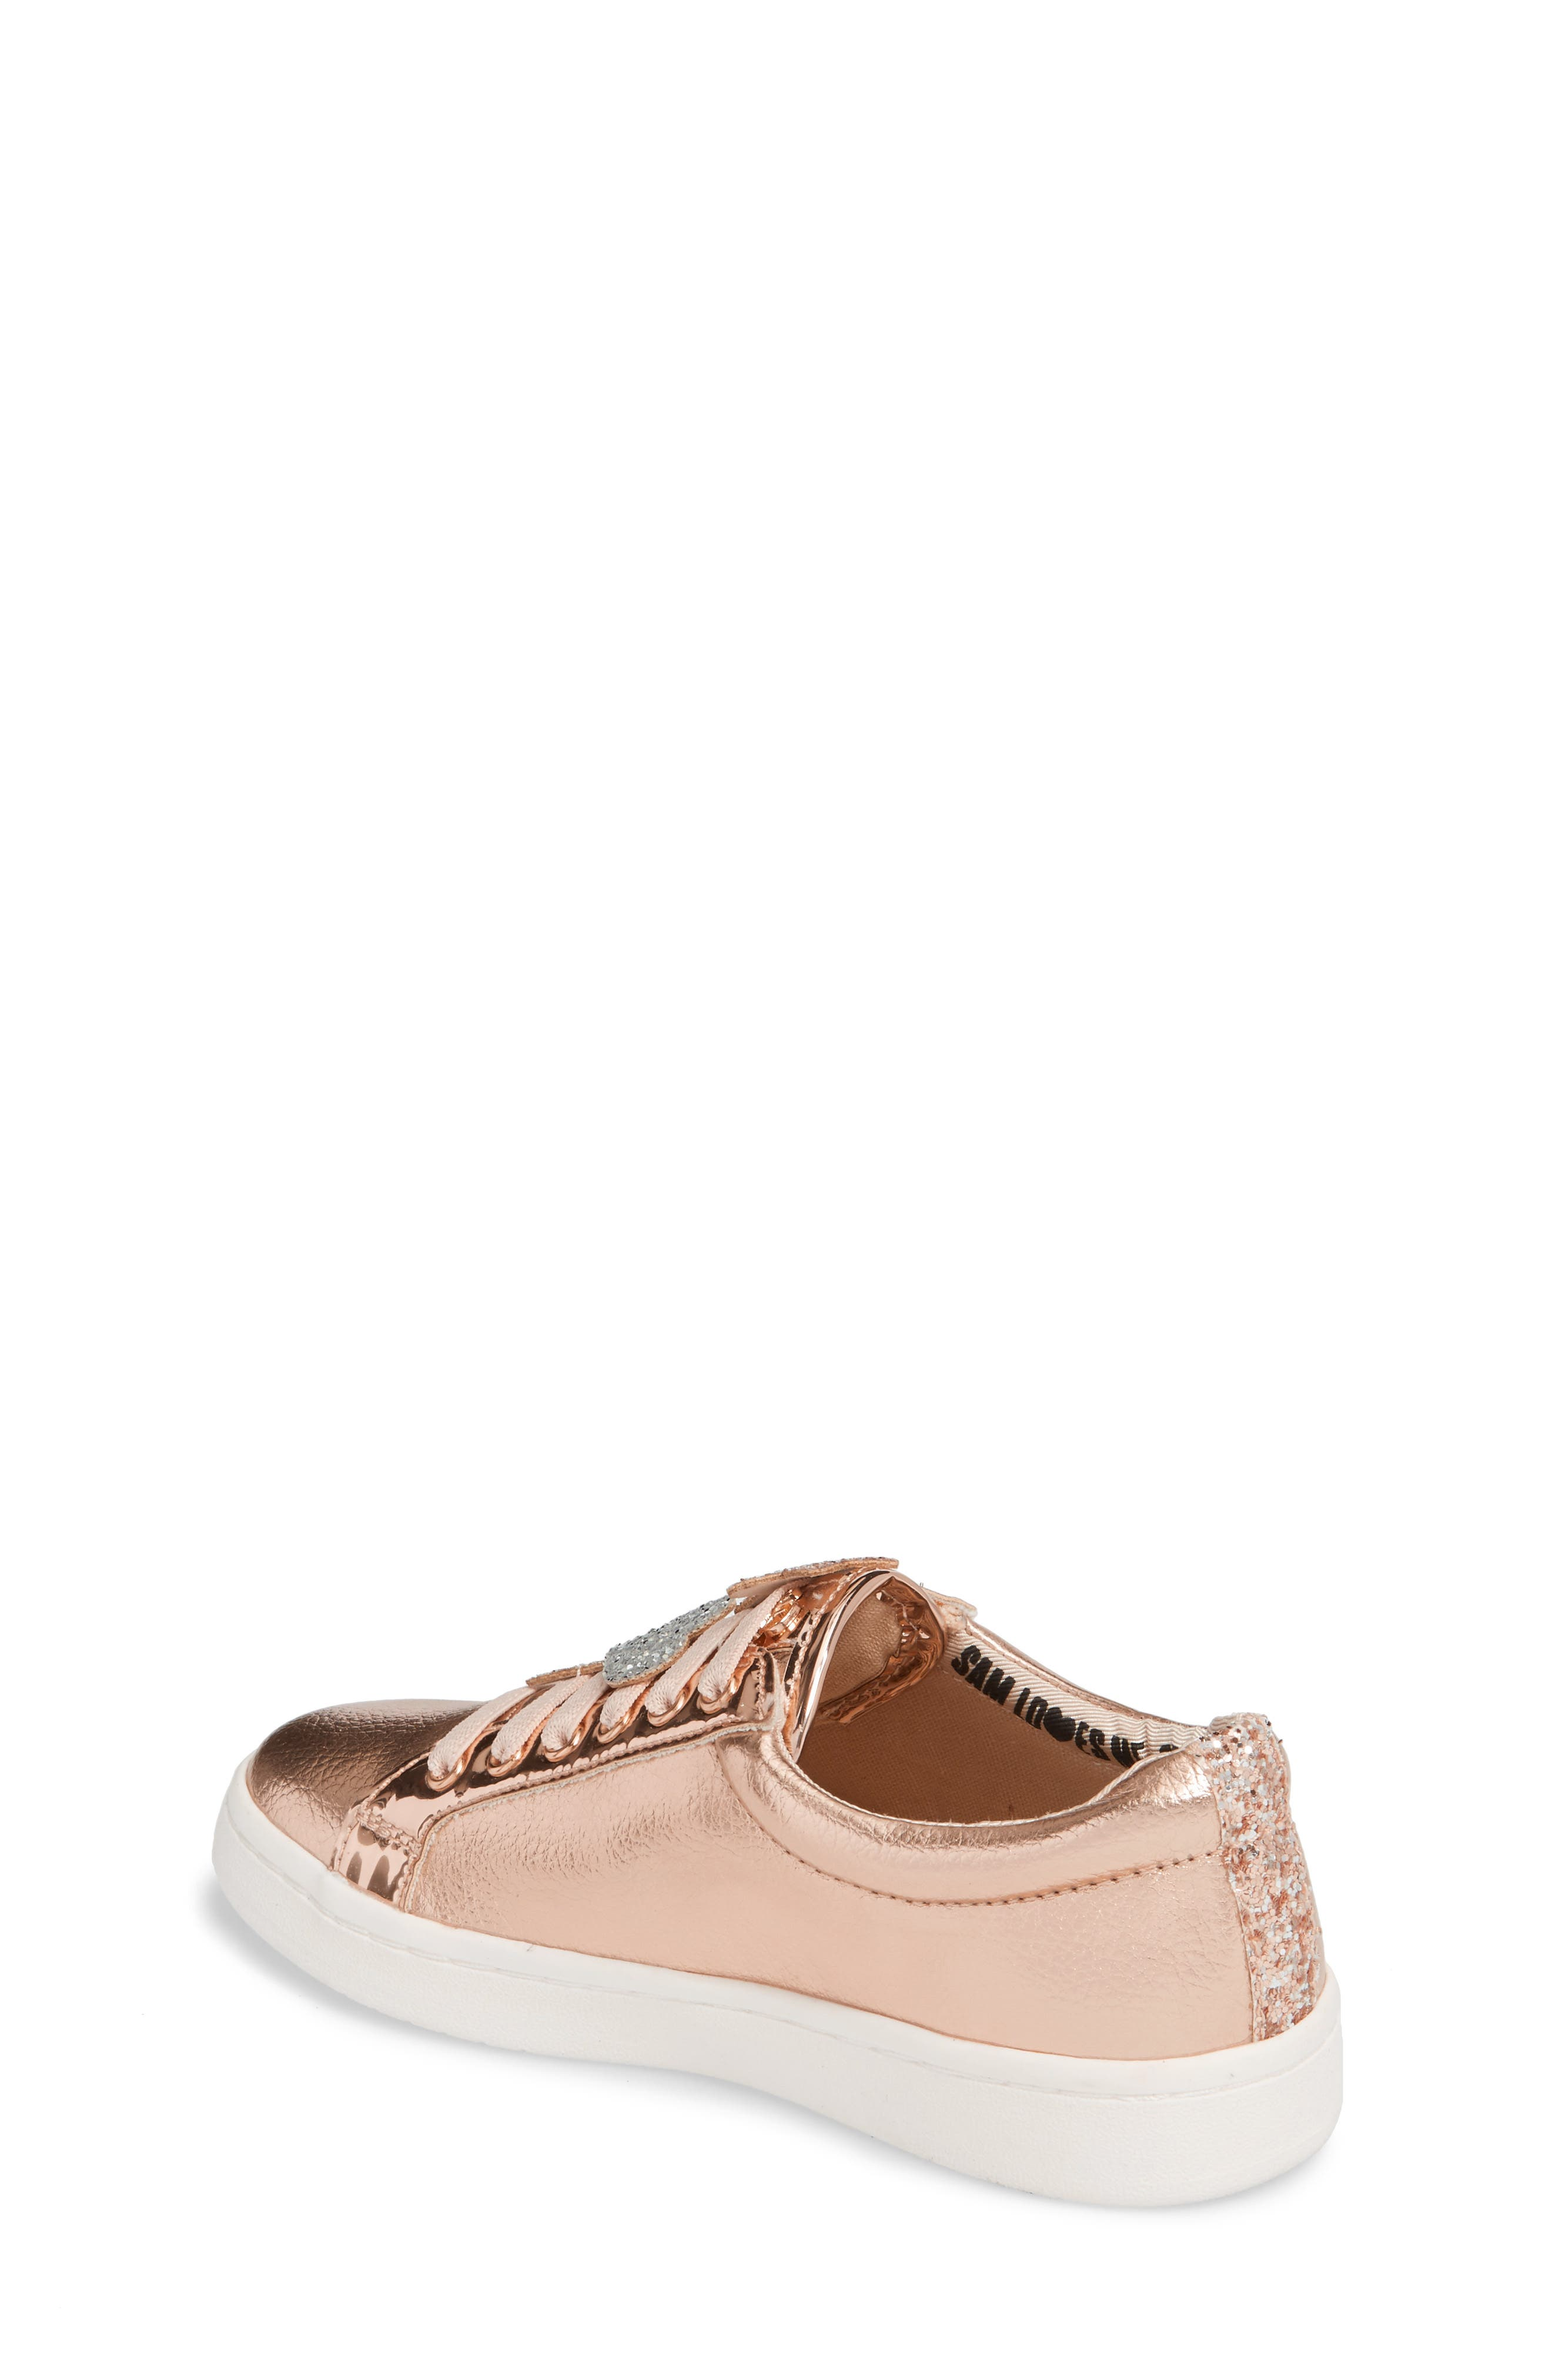 Blane Sammie Slip-On Sneaker,                             Alternate thumbnail 2, color,                             220